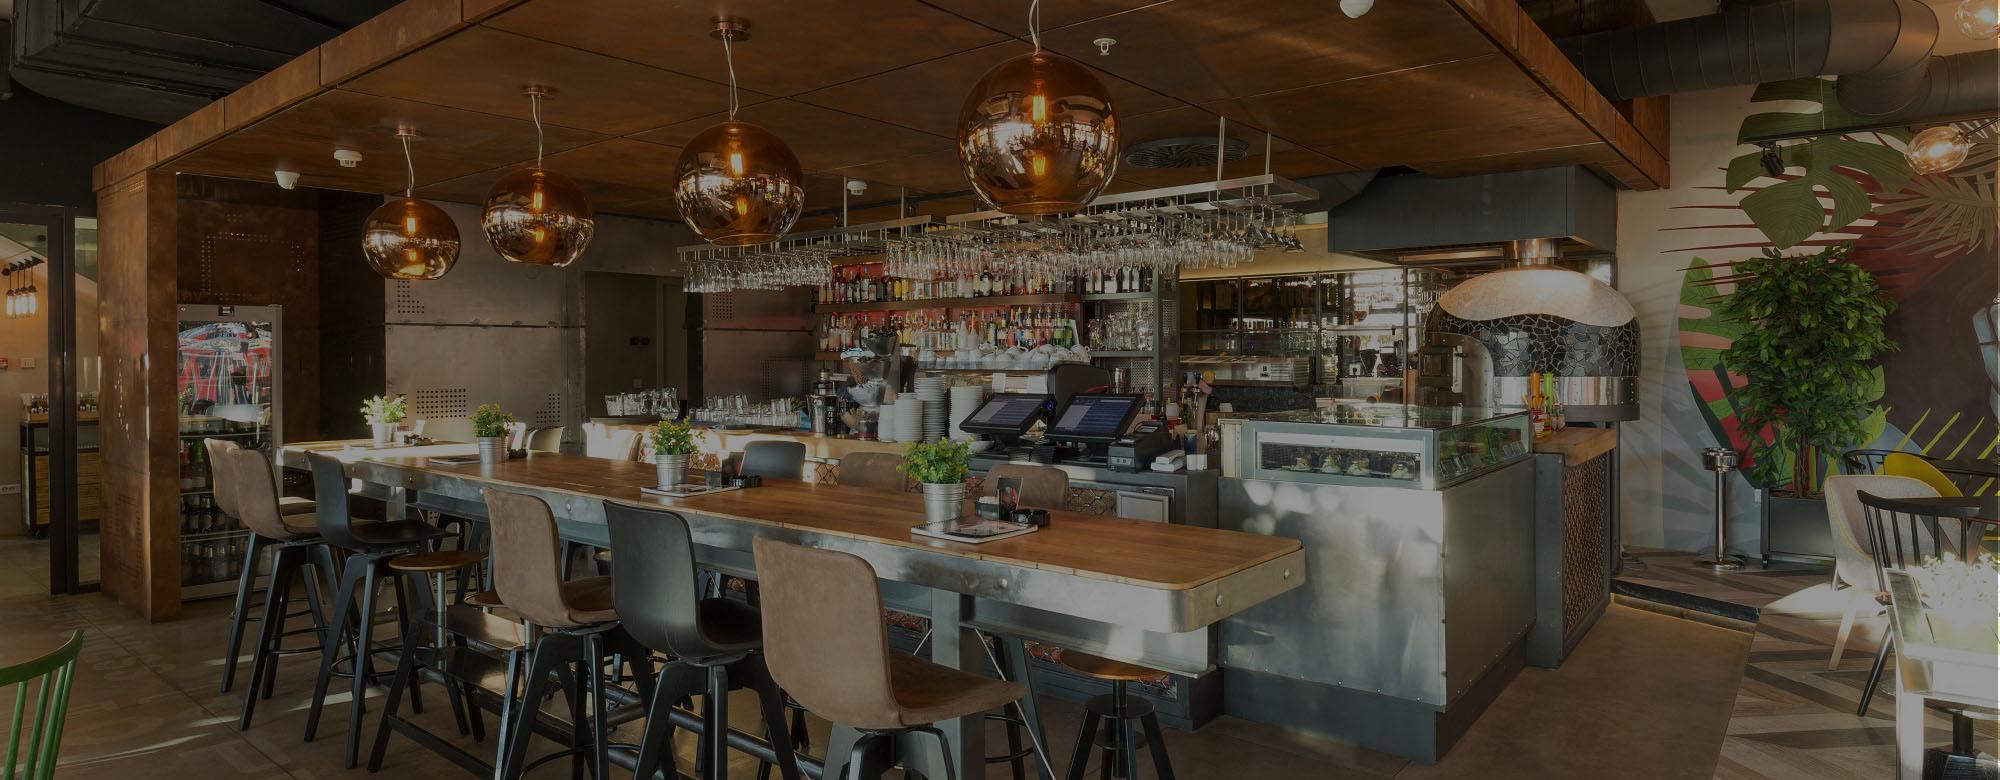 Restaurant - Bar à louer ou à réaménager